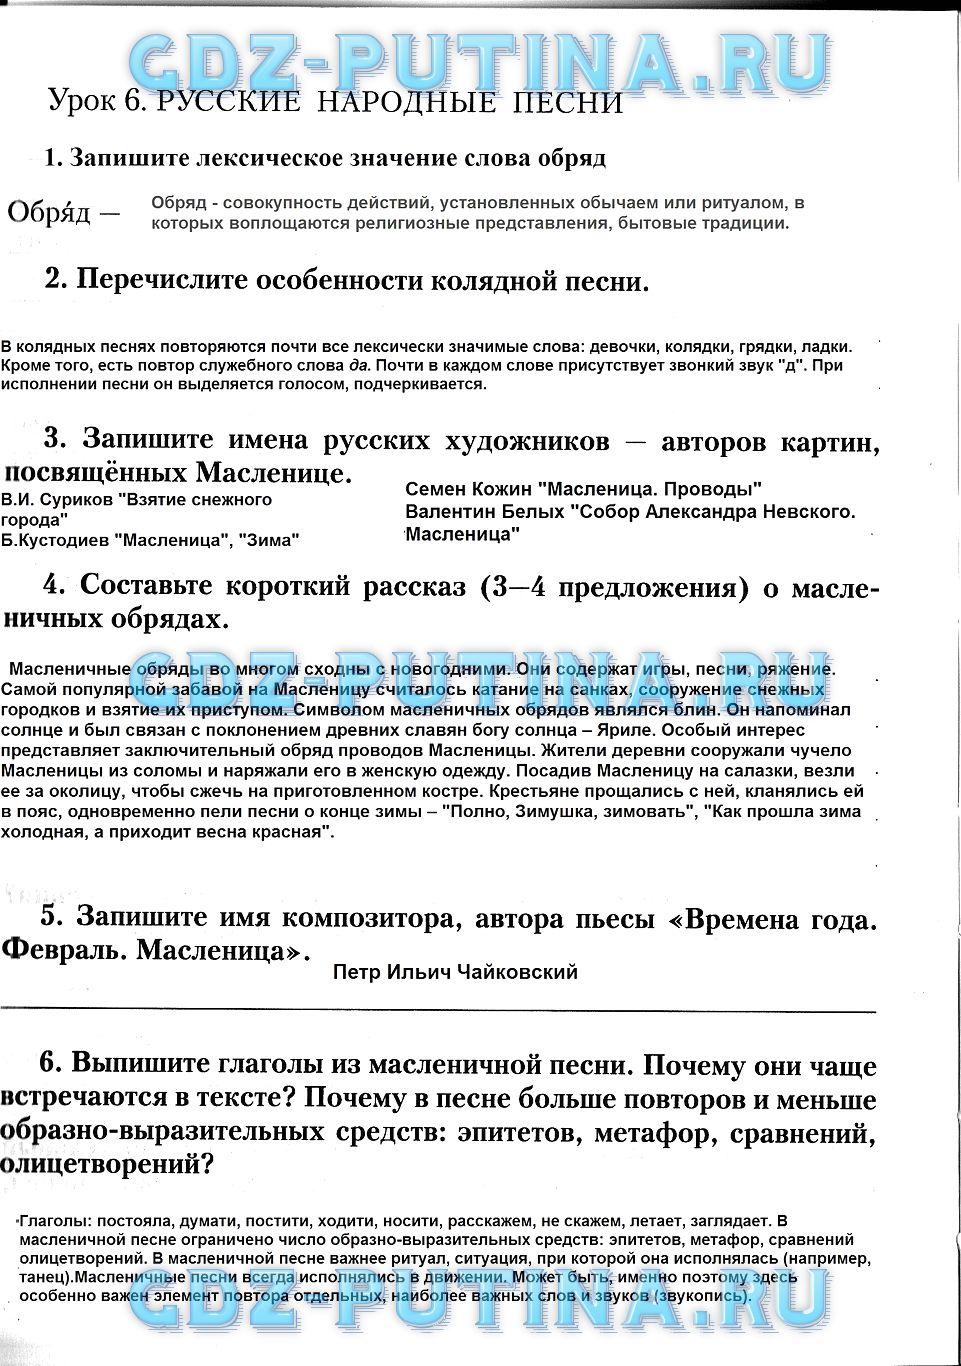 Гдз по литературе 7 класс соловьёва без скачки